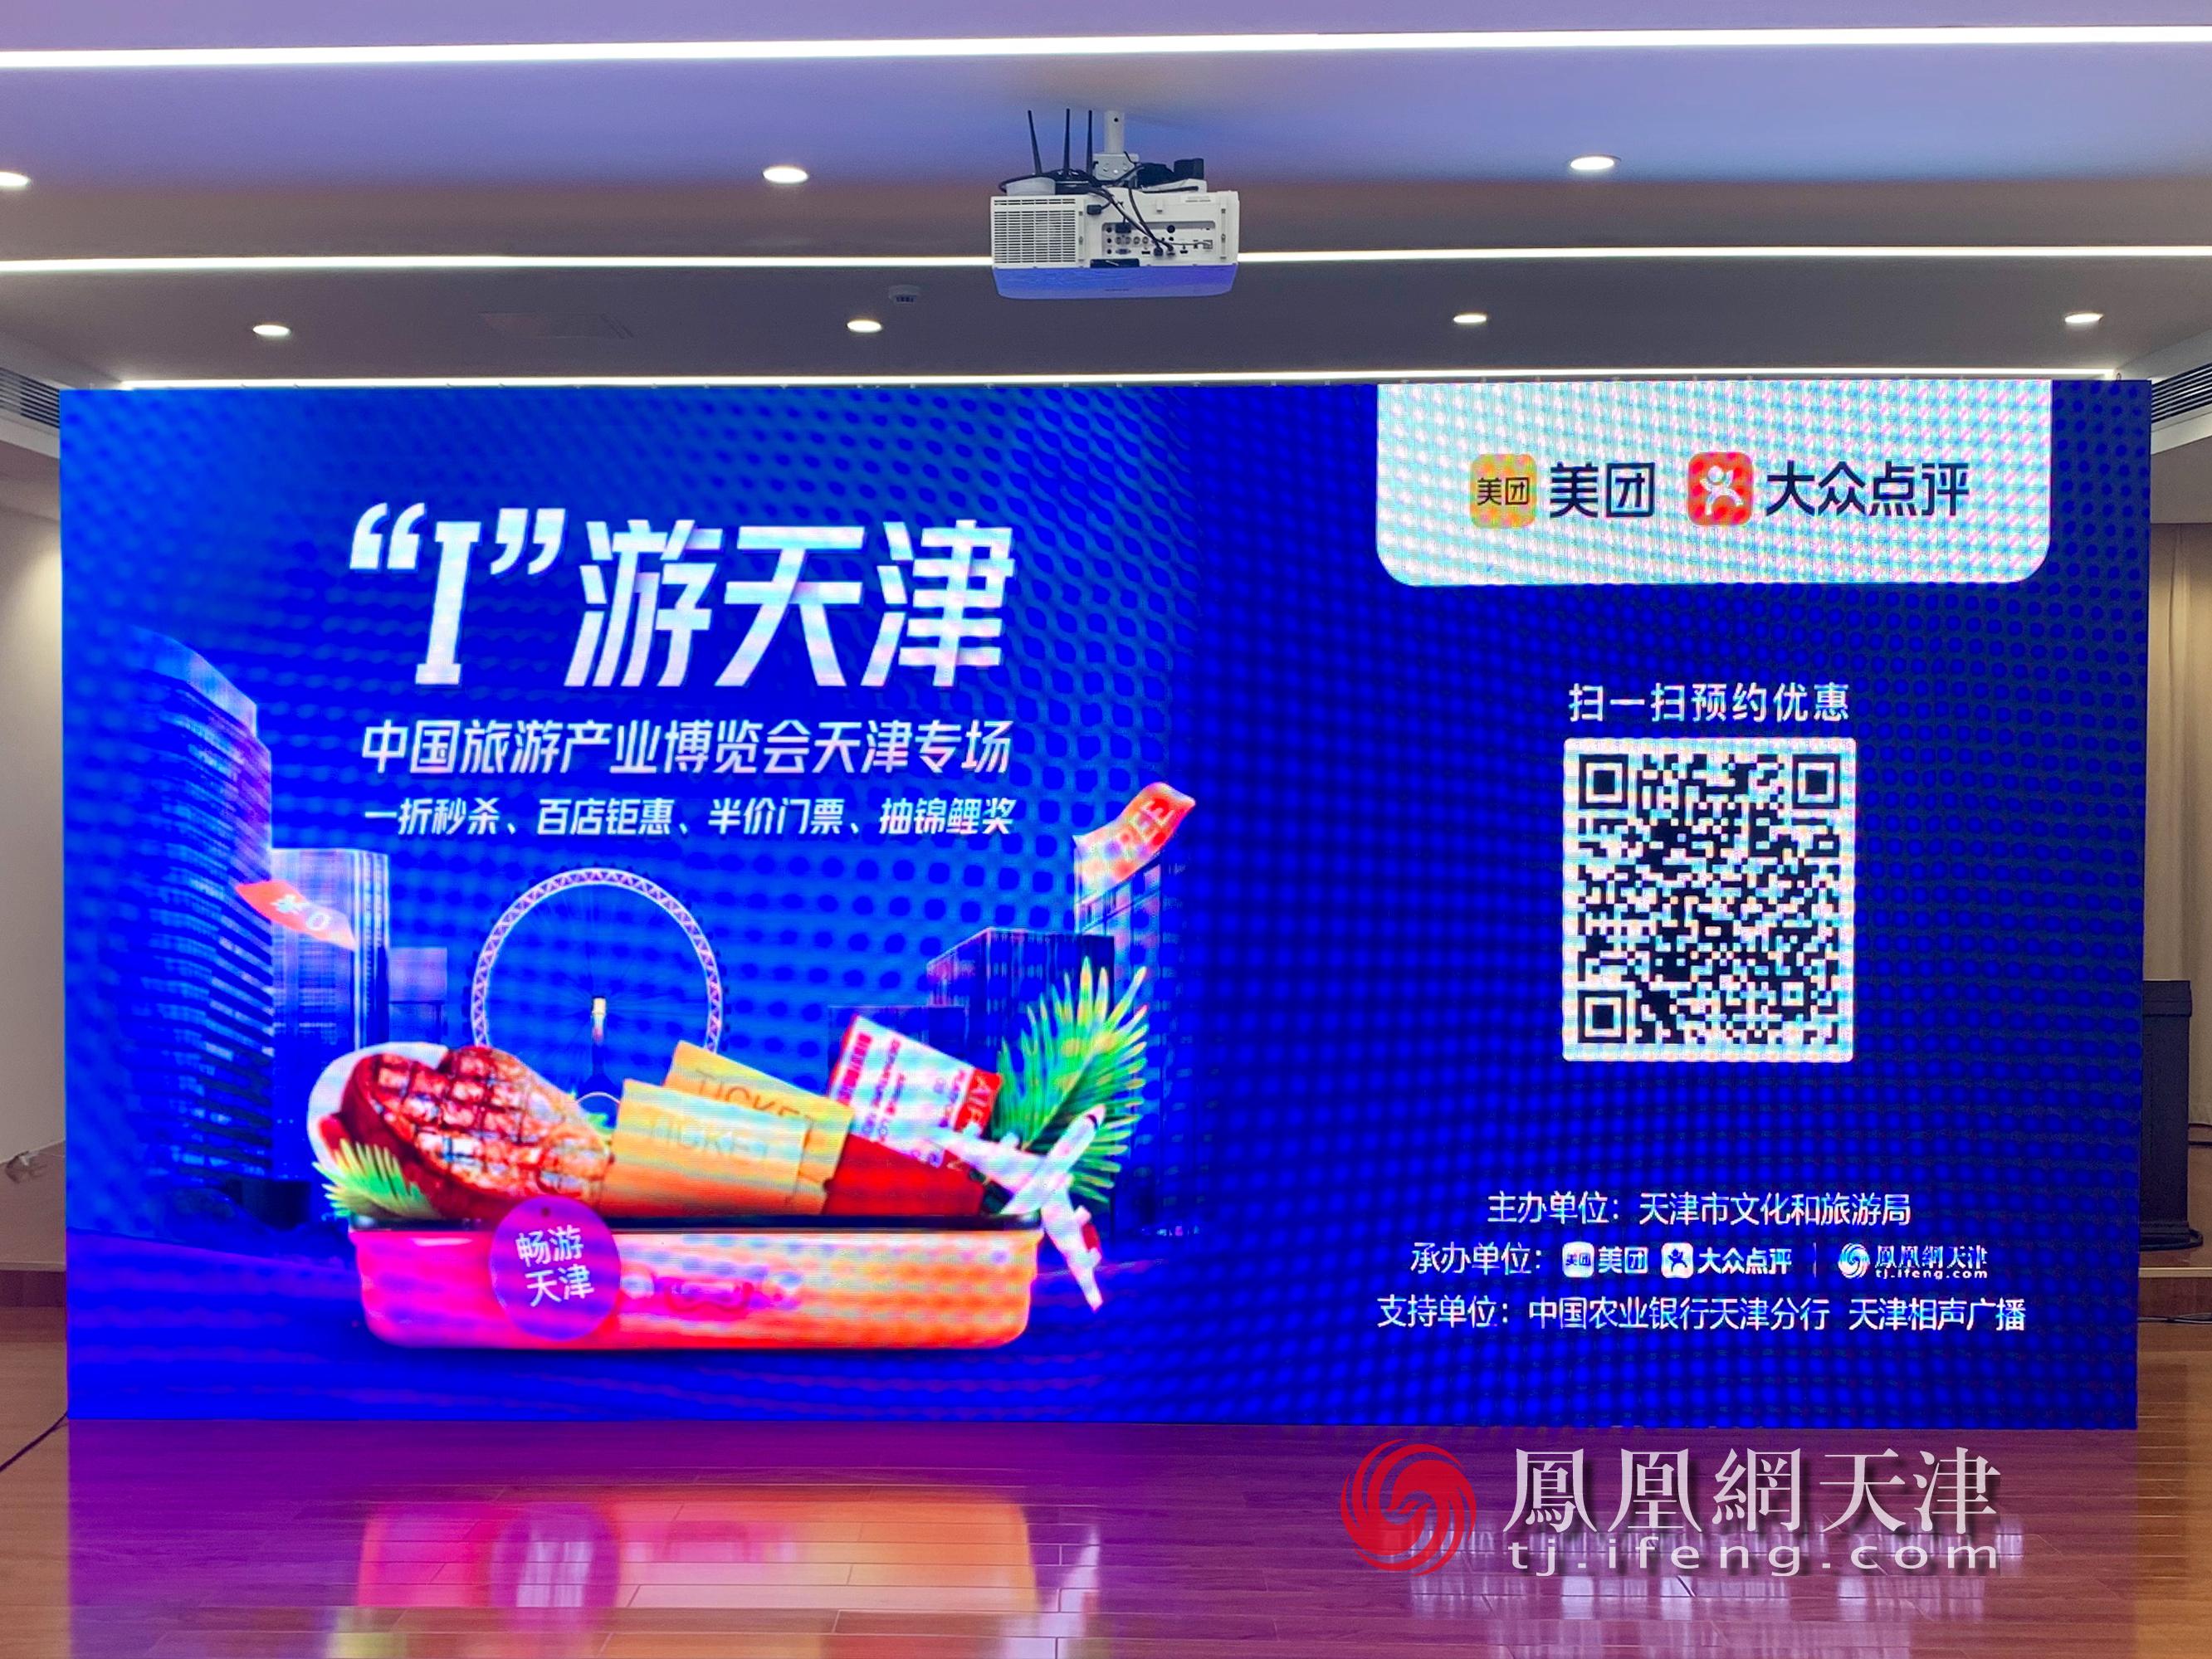 2020旅博会天津专场展卖来啦  推介展示+直播带货  低折扣、秒杀价、百种好物免费送